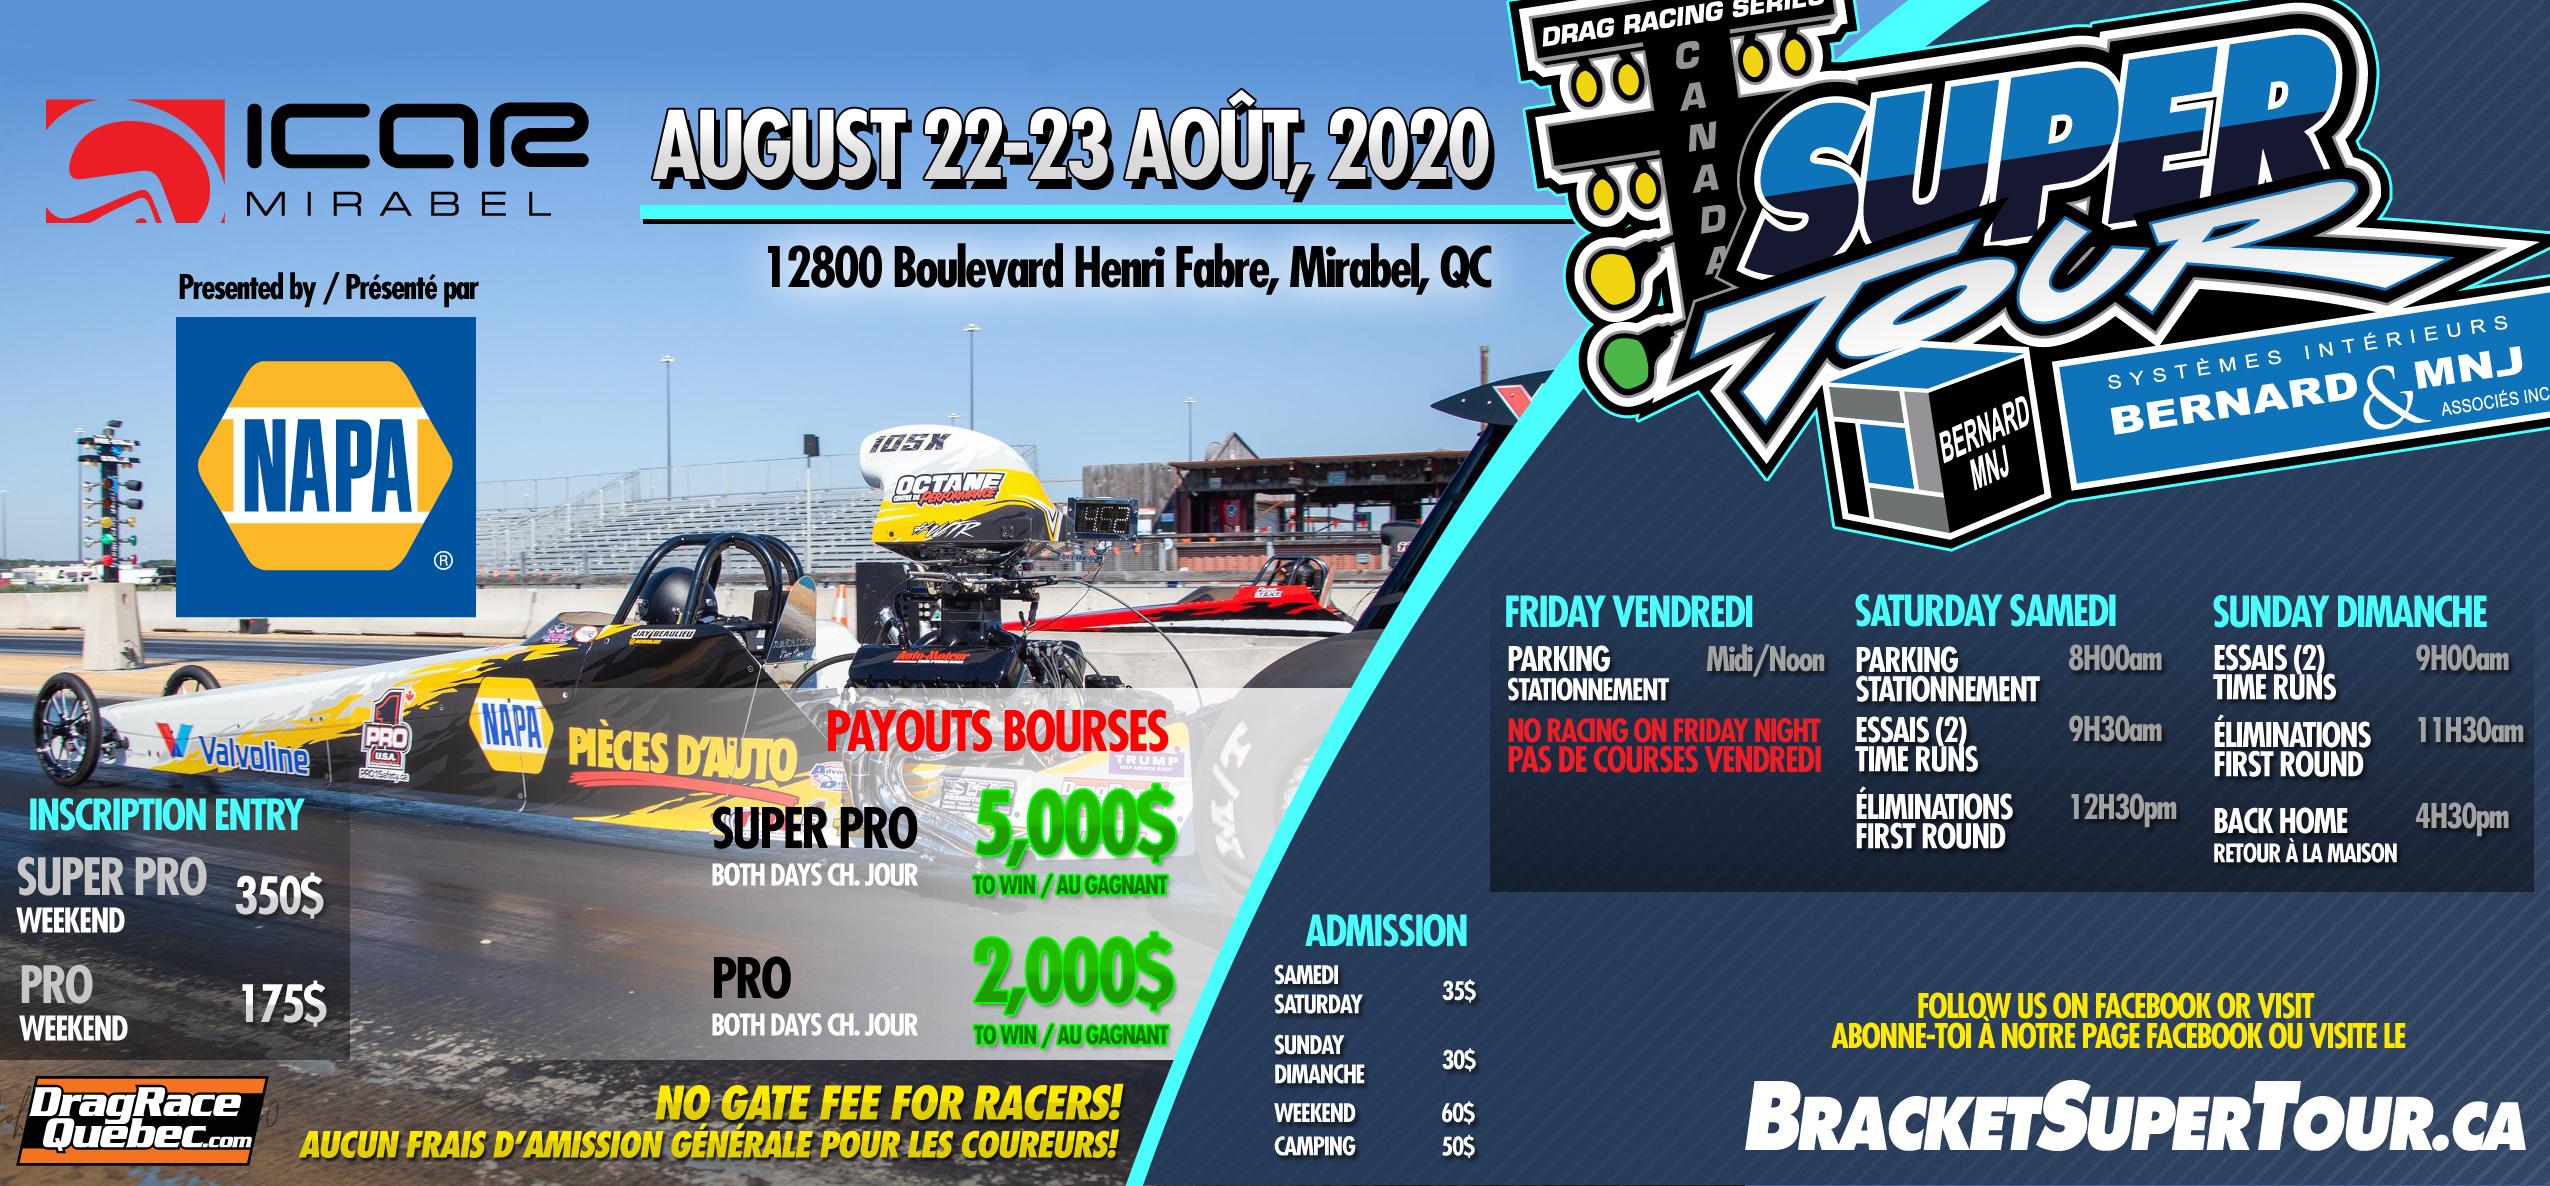 2020-08-10 Super Tour ICAR